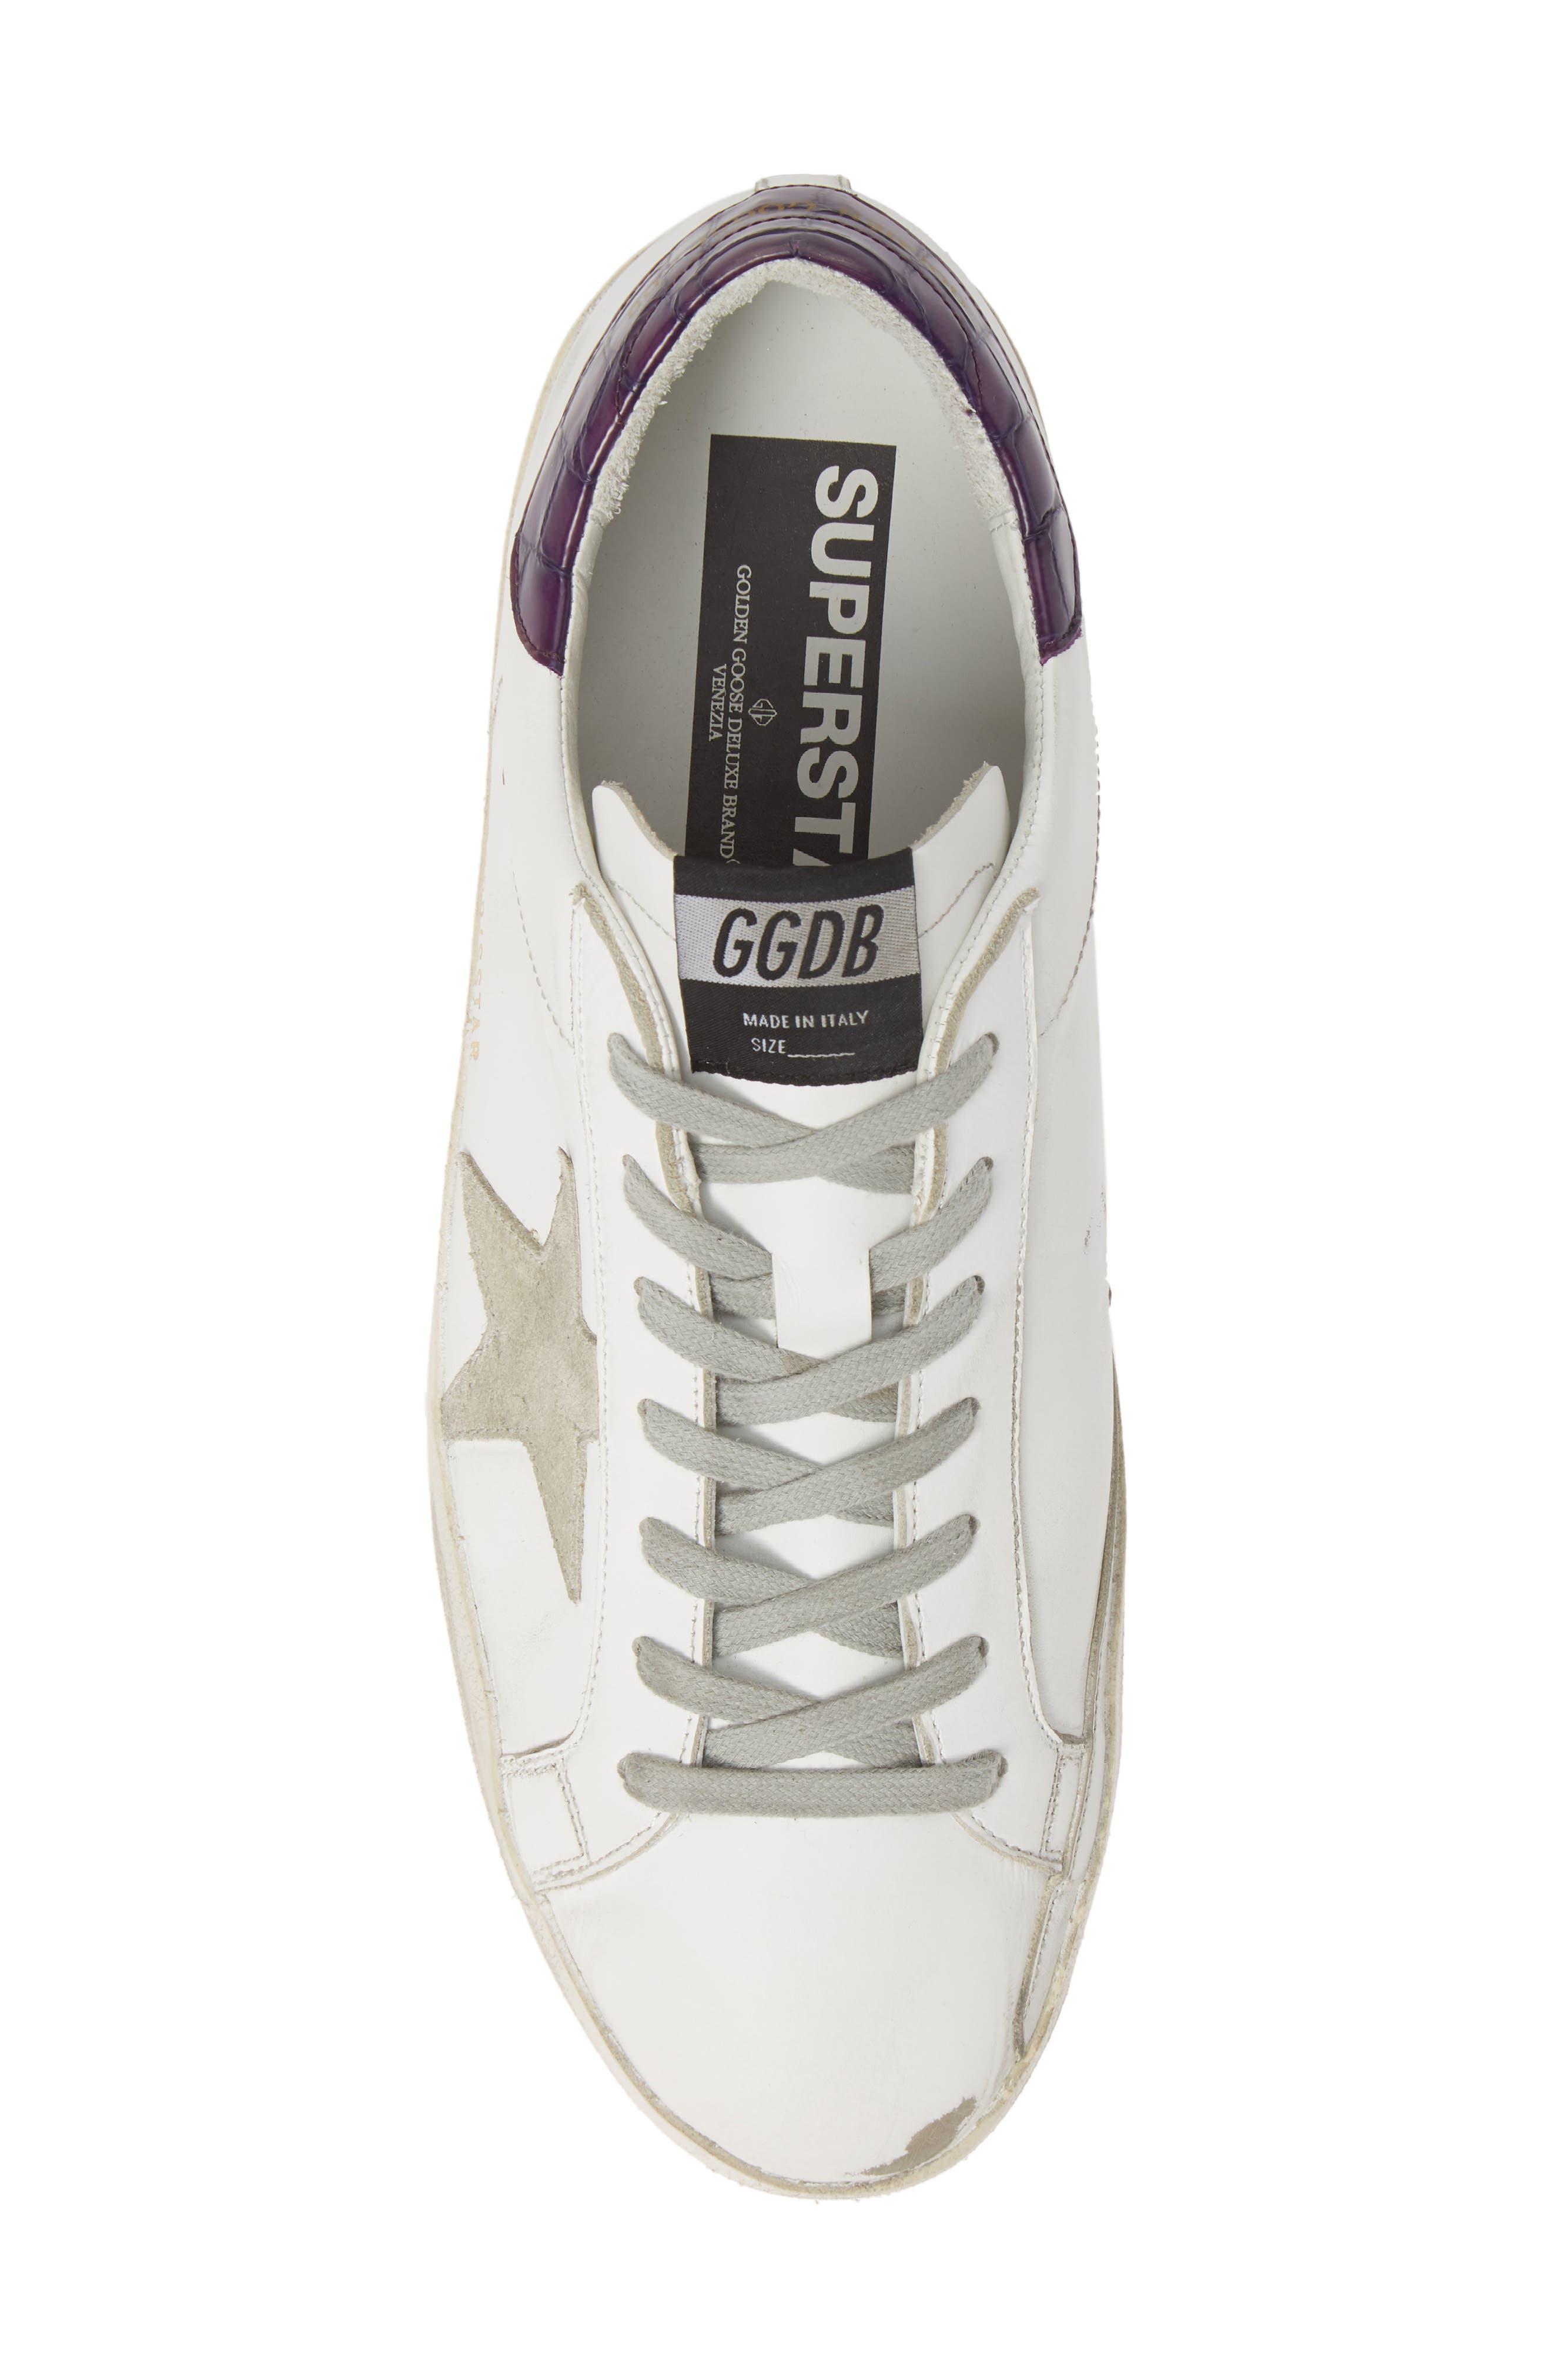 GOLDEN GOOSE,                             'Superstar' Sneaker,                             Alternate thumbnail 5, color,                             WHITE/ VIOLET